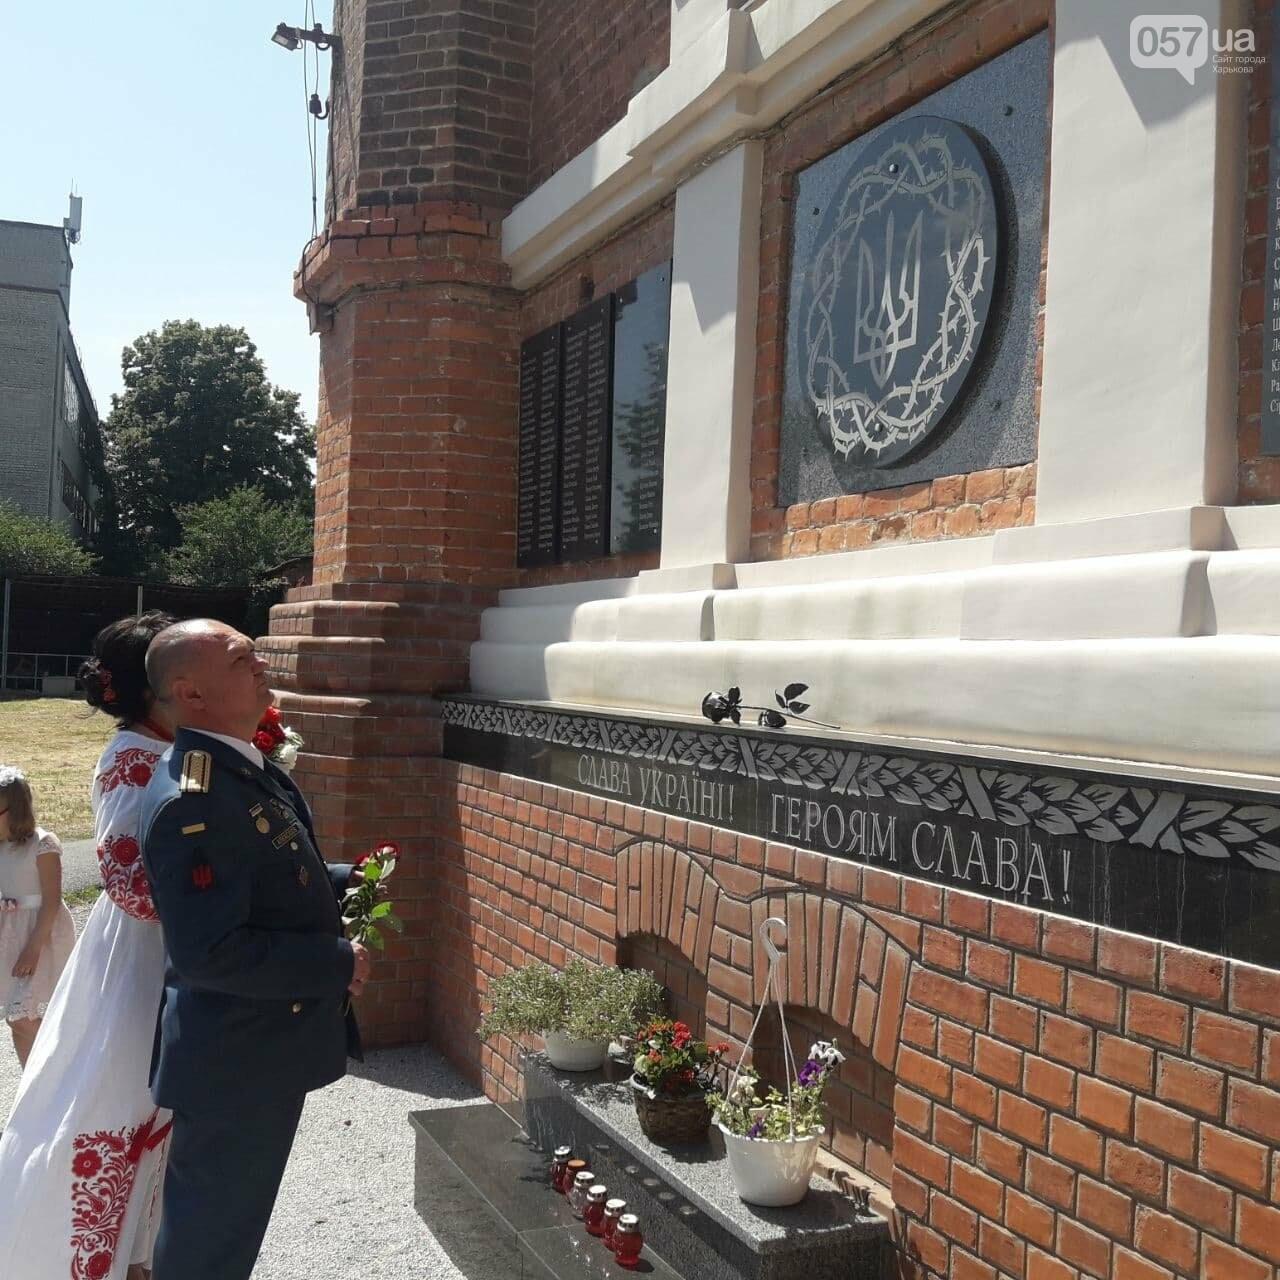 Гарнизоны, война и любовь: в Харькове «Киборг», оборонявший Донецкий аэропорт, обвенчался с супругой после 25 лет брака, - ФОТО, фото-14